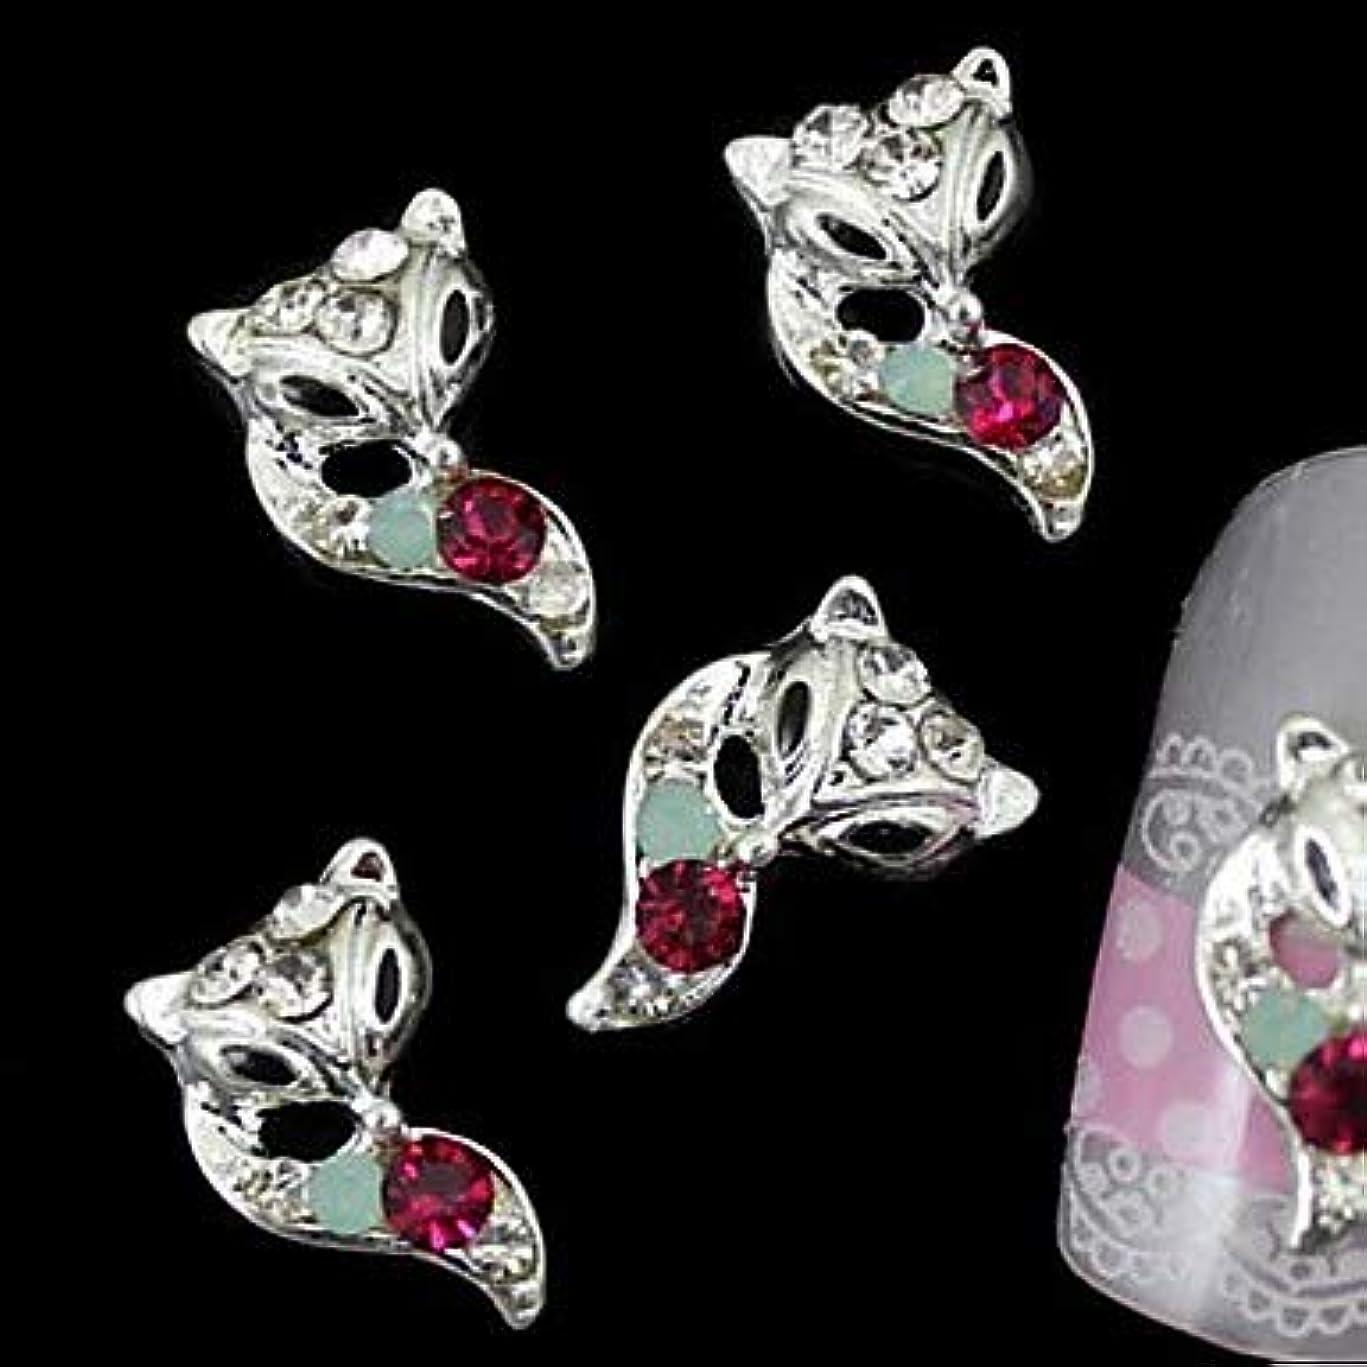 珍しいそれにもかかわらず結晶指先のための金属の釘の宝石類他の美しいネイルアートマニキュアペディキュアフルーツ/花/要約毎日/漫画